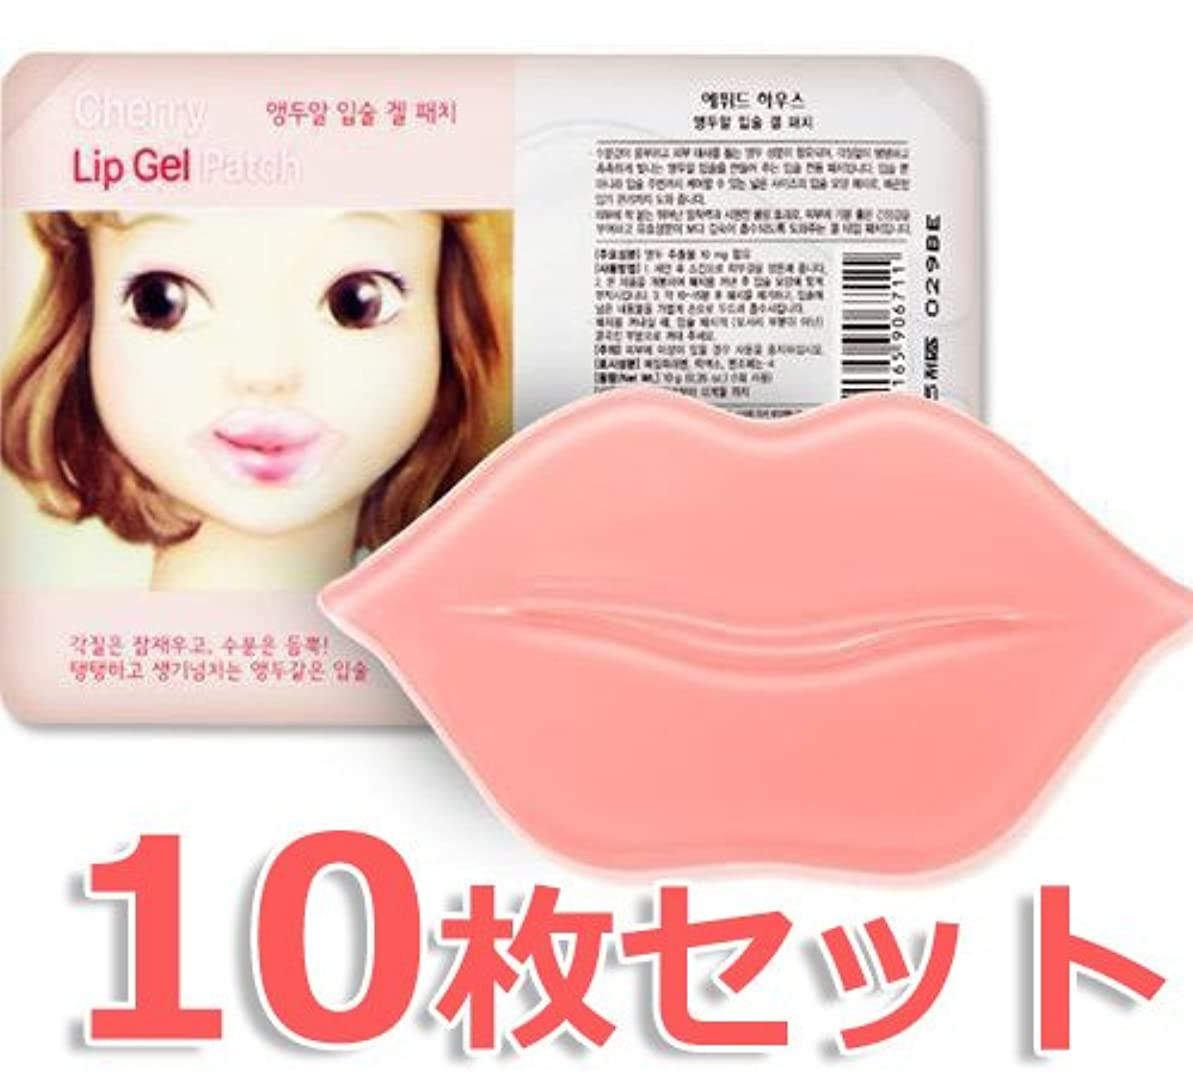 ハードウェアびん間違えたエチュードハウス Cherry Lip Gel Patch 10枚セット